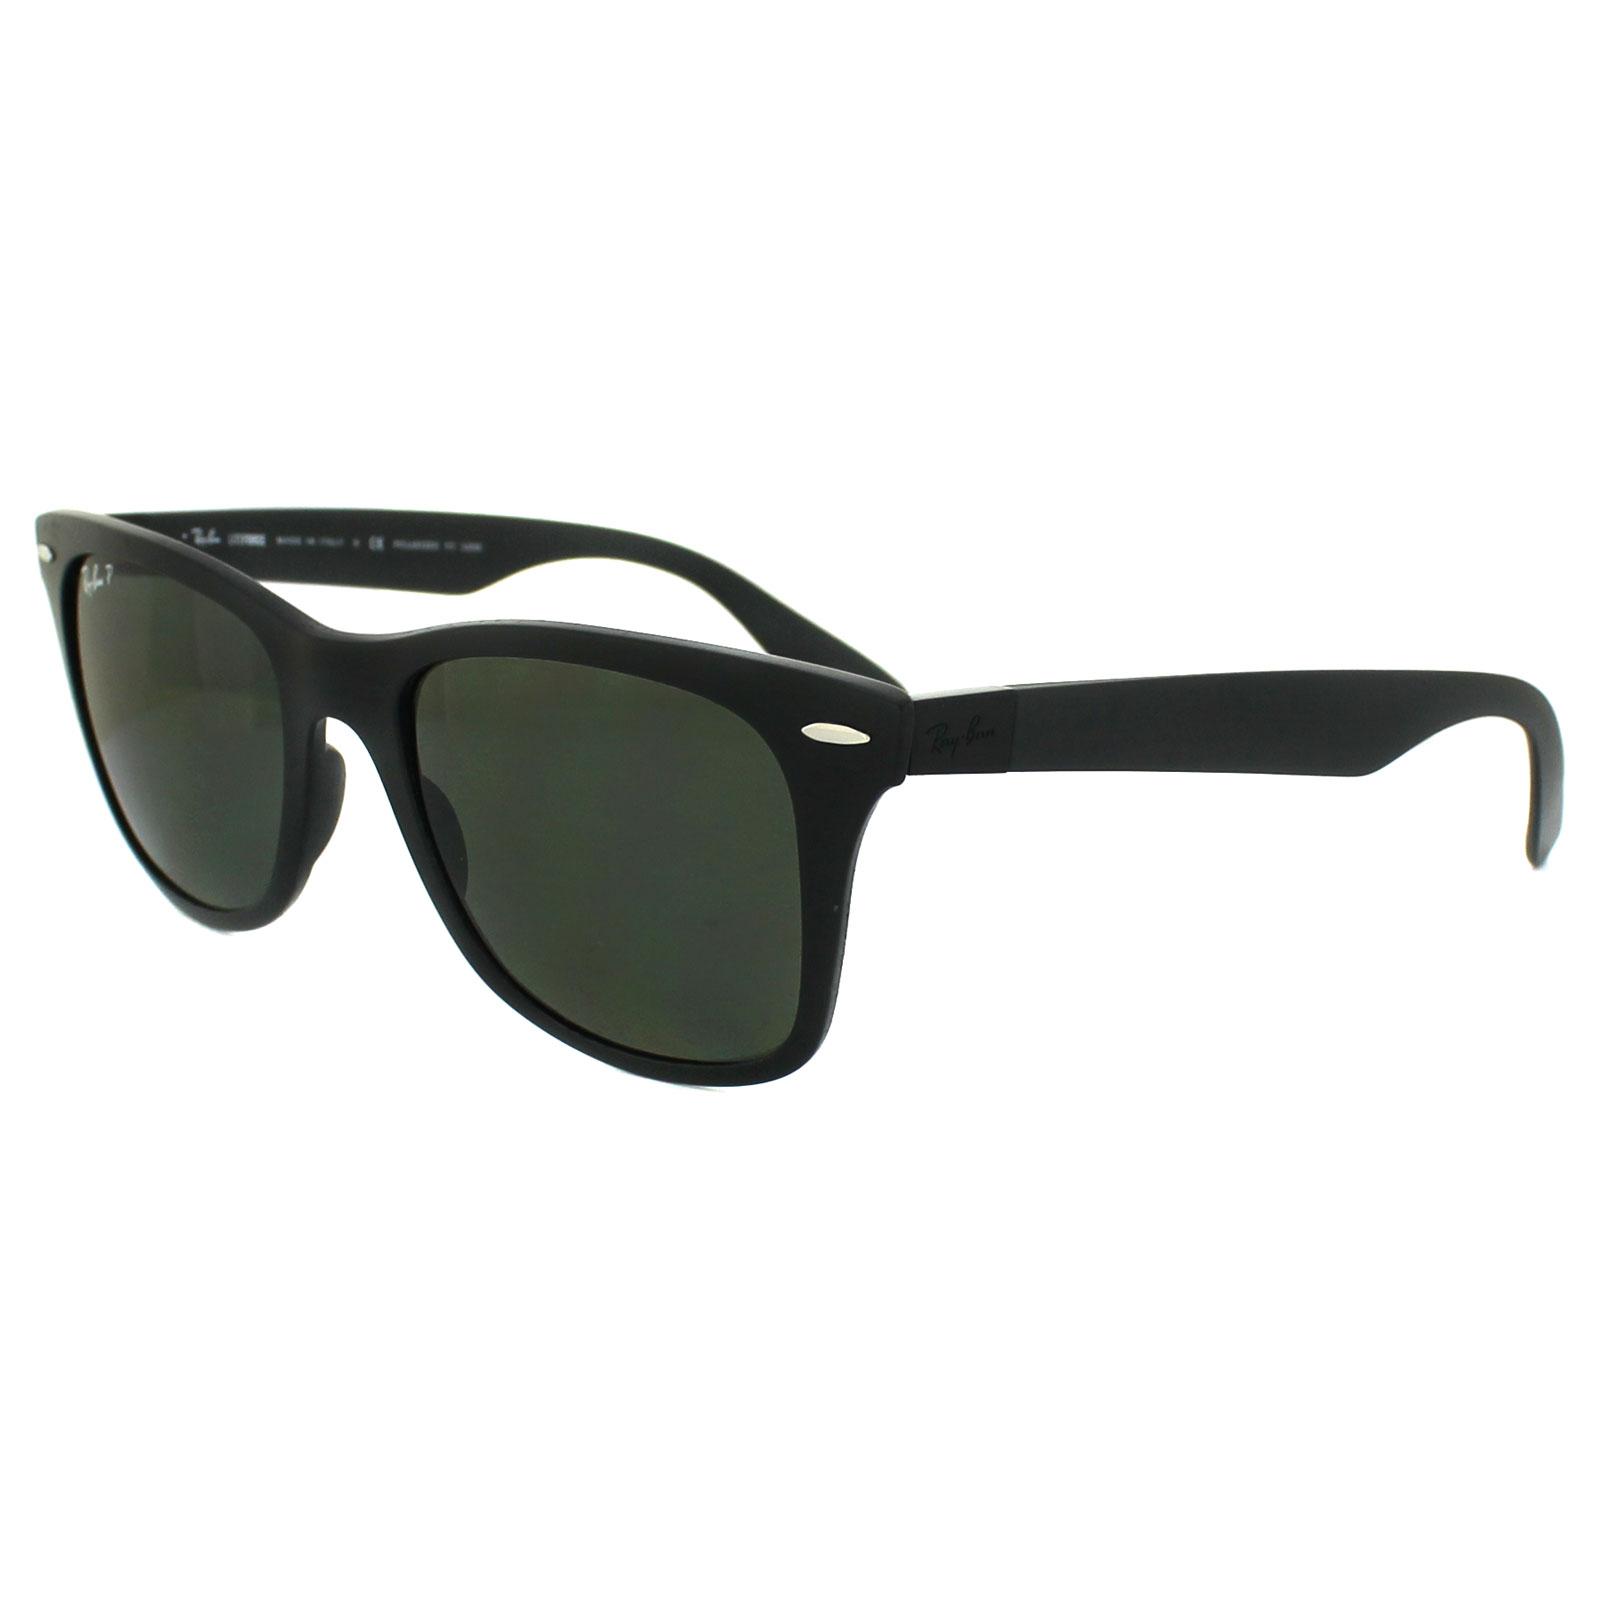 82bf2bd72f8 CENTINELA Ray-Ban gafas de sol 4195 601S9A verde negro polarizado